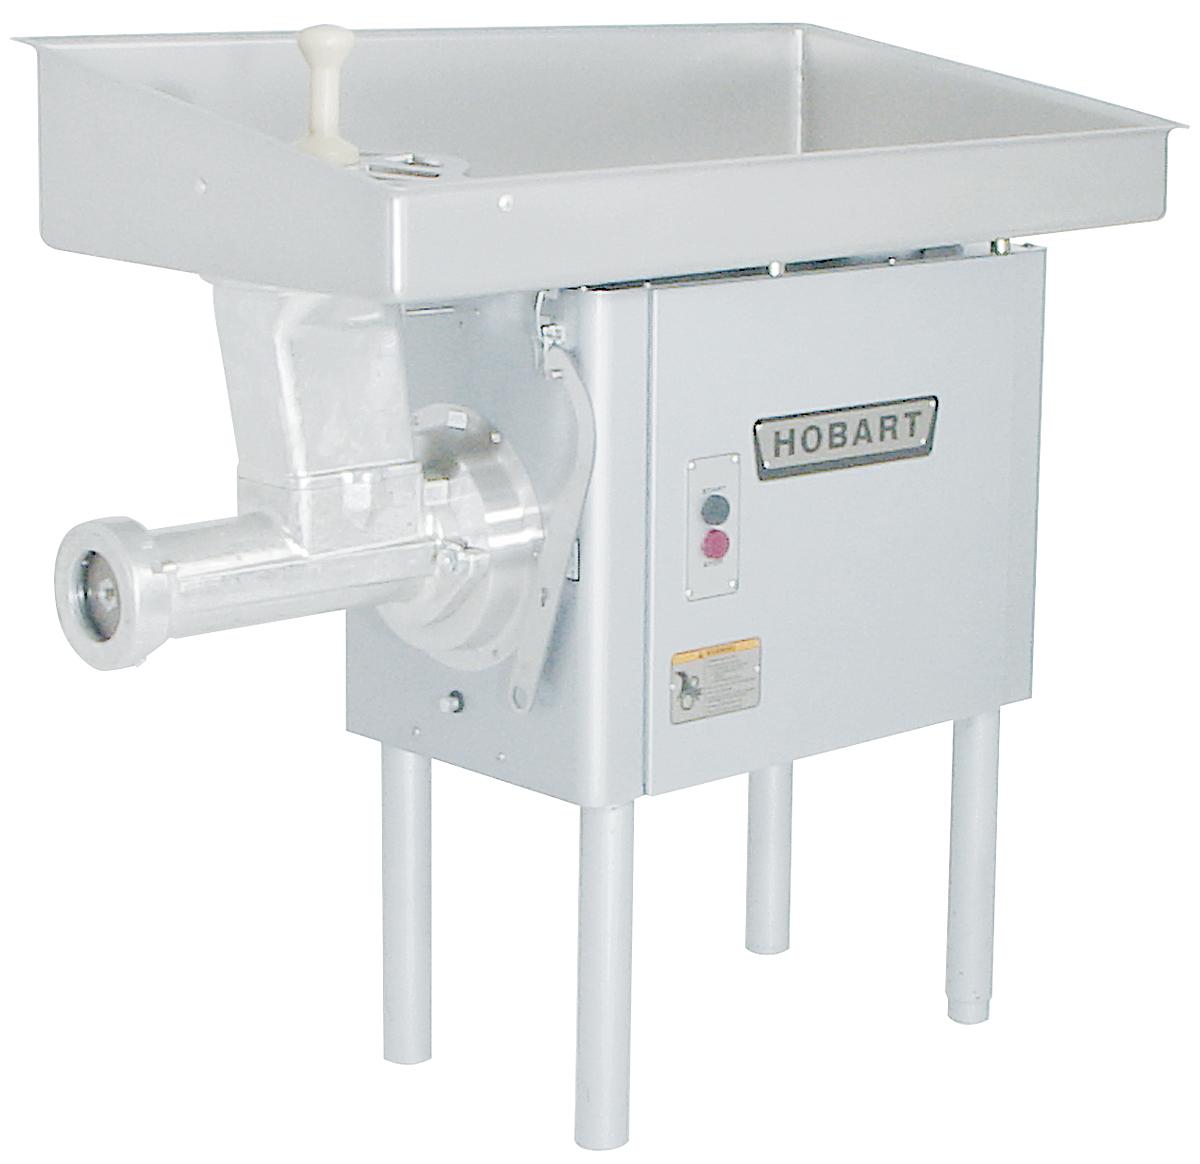 Grinder 4146 woDeflector